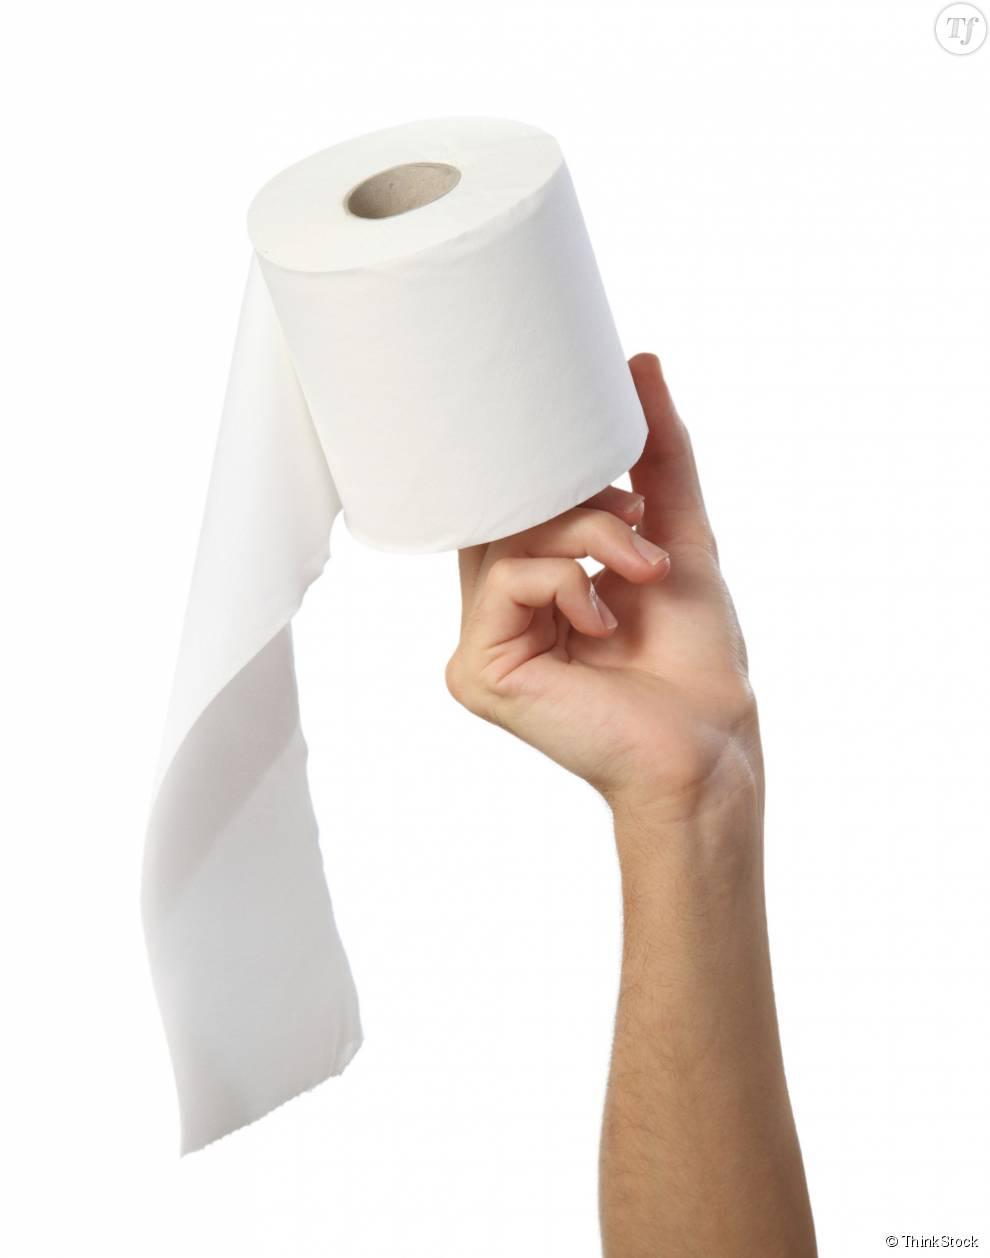 Aux Etats-Unis, le papier toilette est l'une des fournitures demandée aux élèves pour la rentrée scolaire...